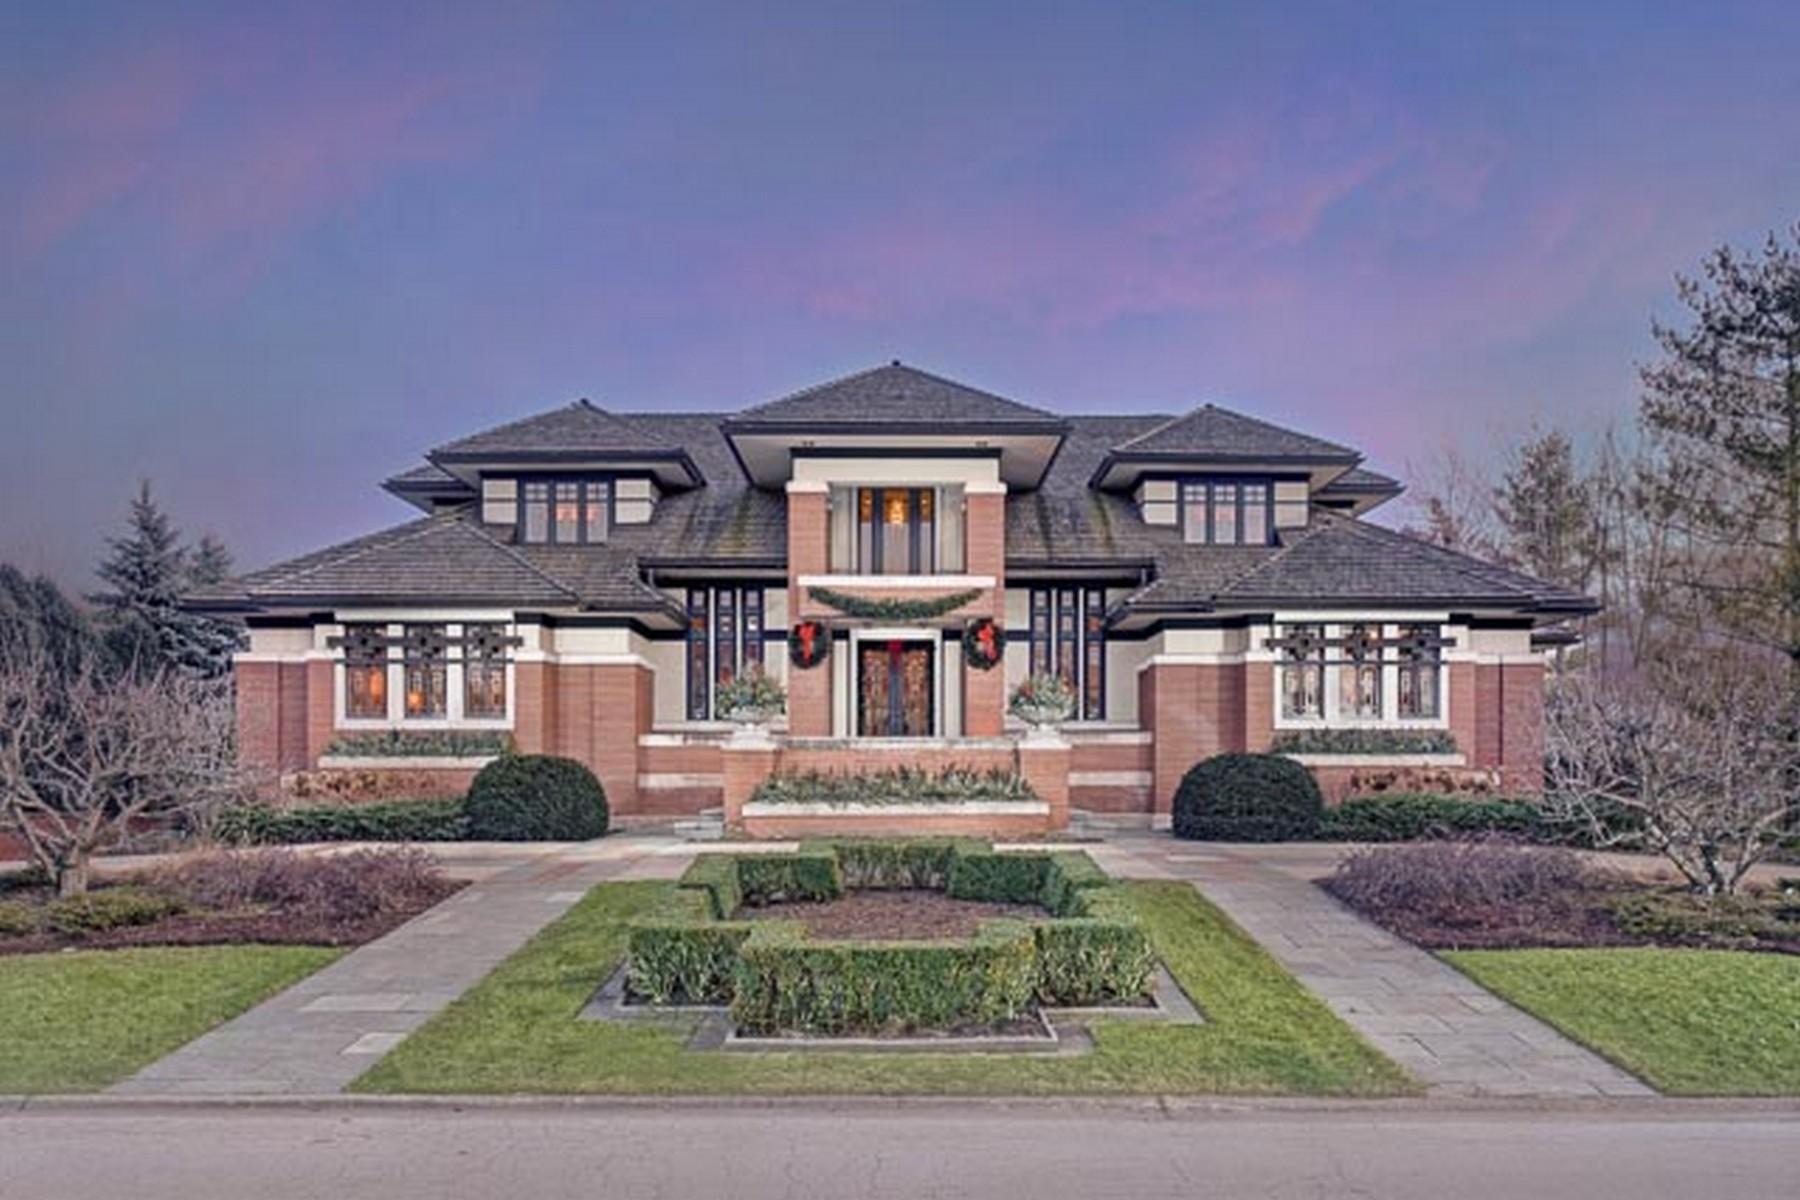 Частный односемейный дом для того Продажа на Spectacular Frank Lloyd Wright inspired Home 111 Singletree Road Orland Park, Иллинойс 60467 Соединенные Штаты